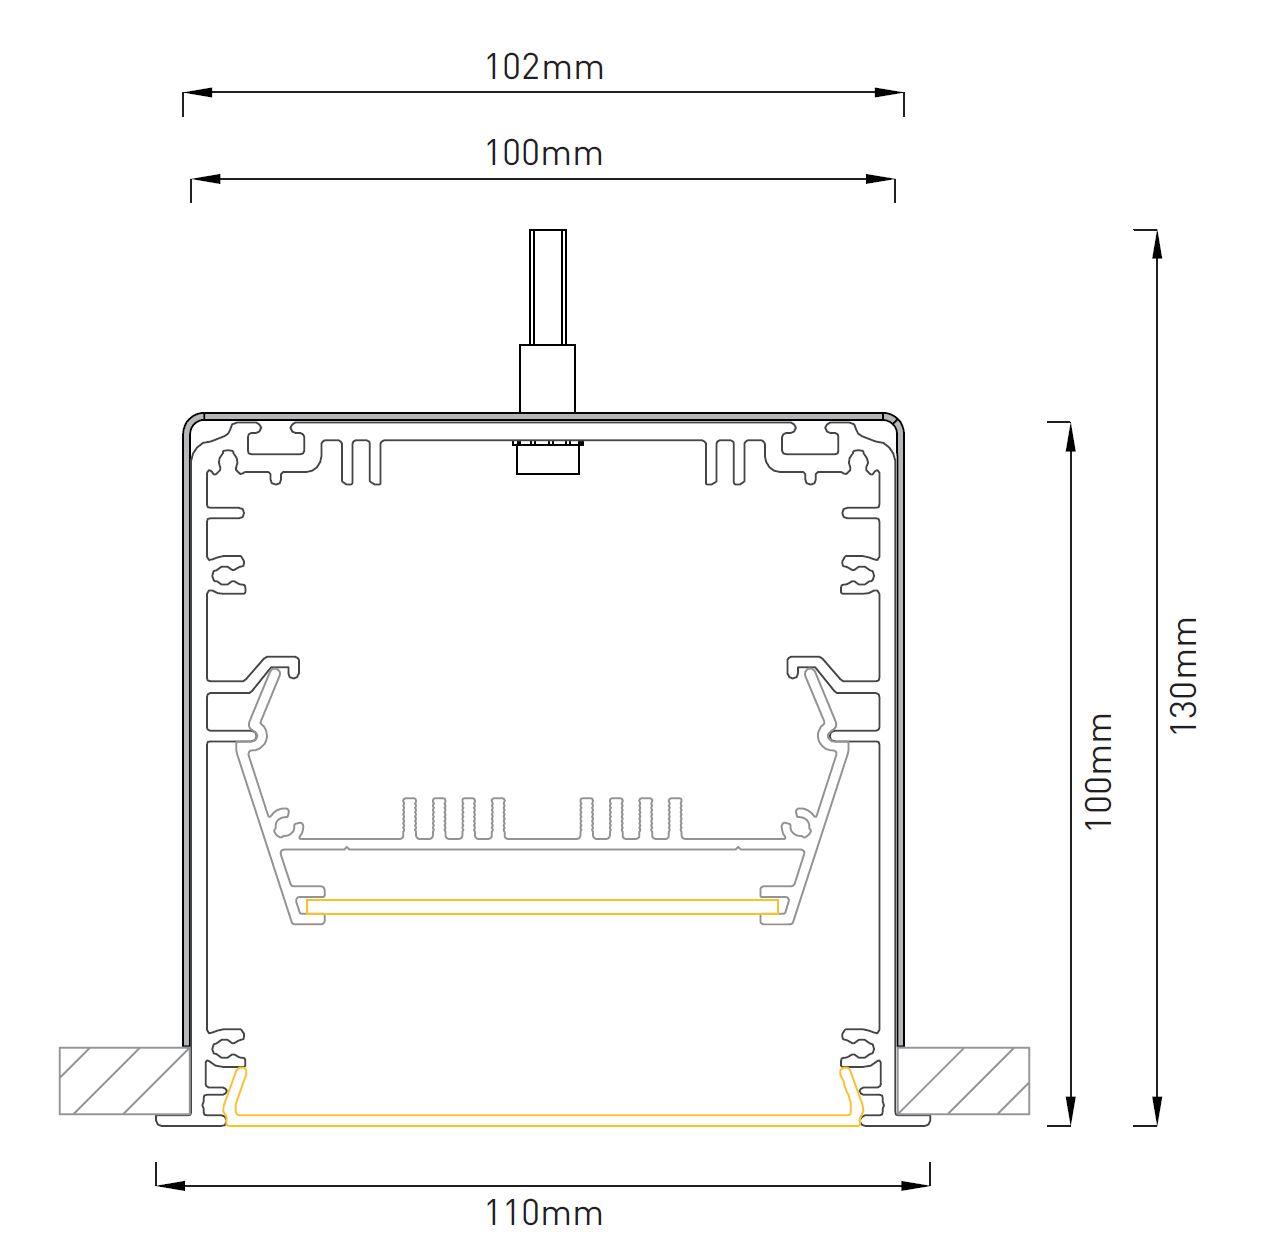 LED Profilleuchte Slot M LTE100 Abmessung